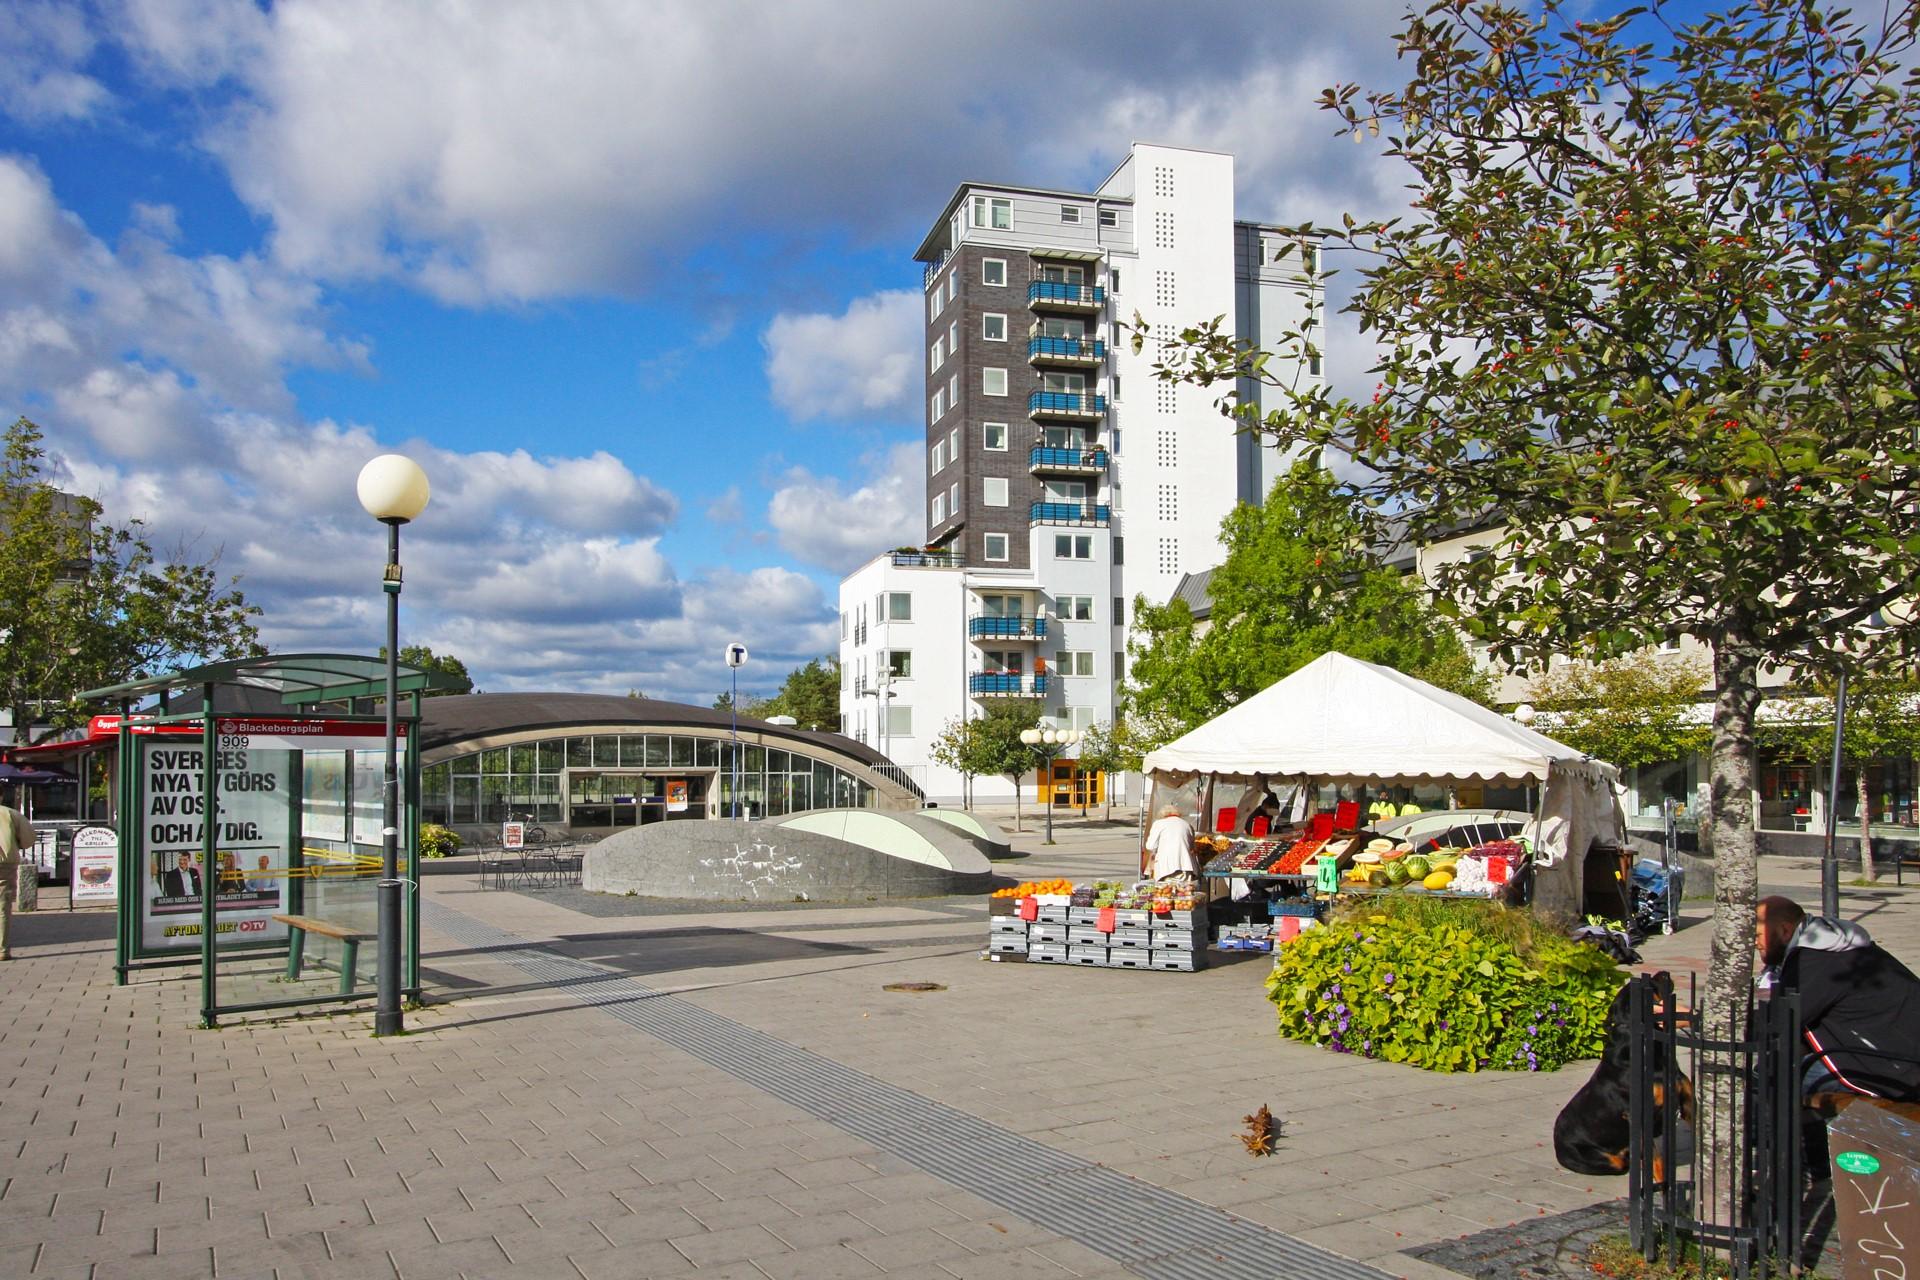 När fastigheten byggdes 2001, var denna bostad en av de högst belägna lägenheterna i Stockholm